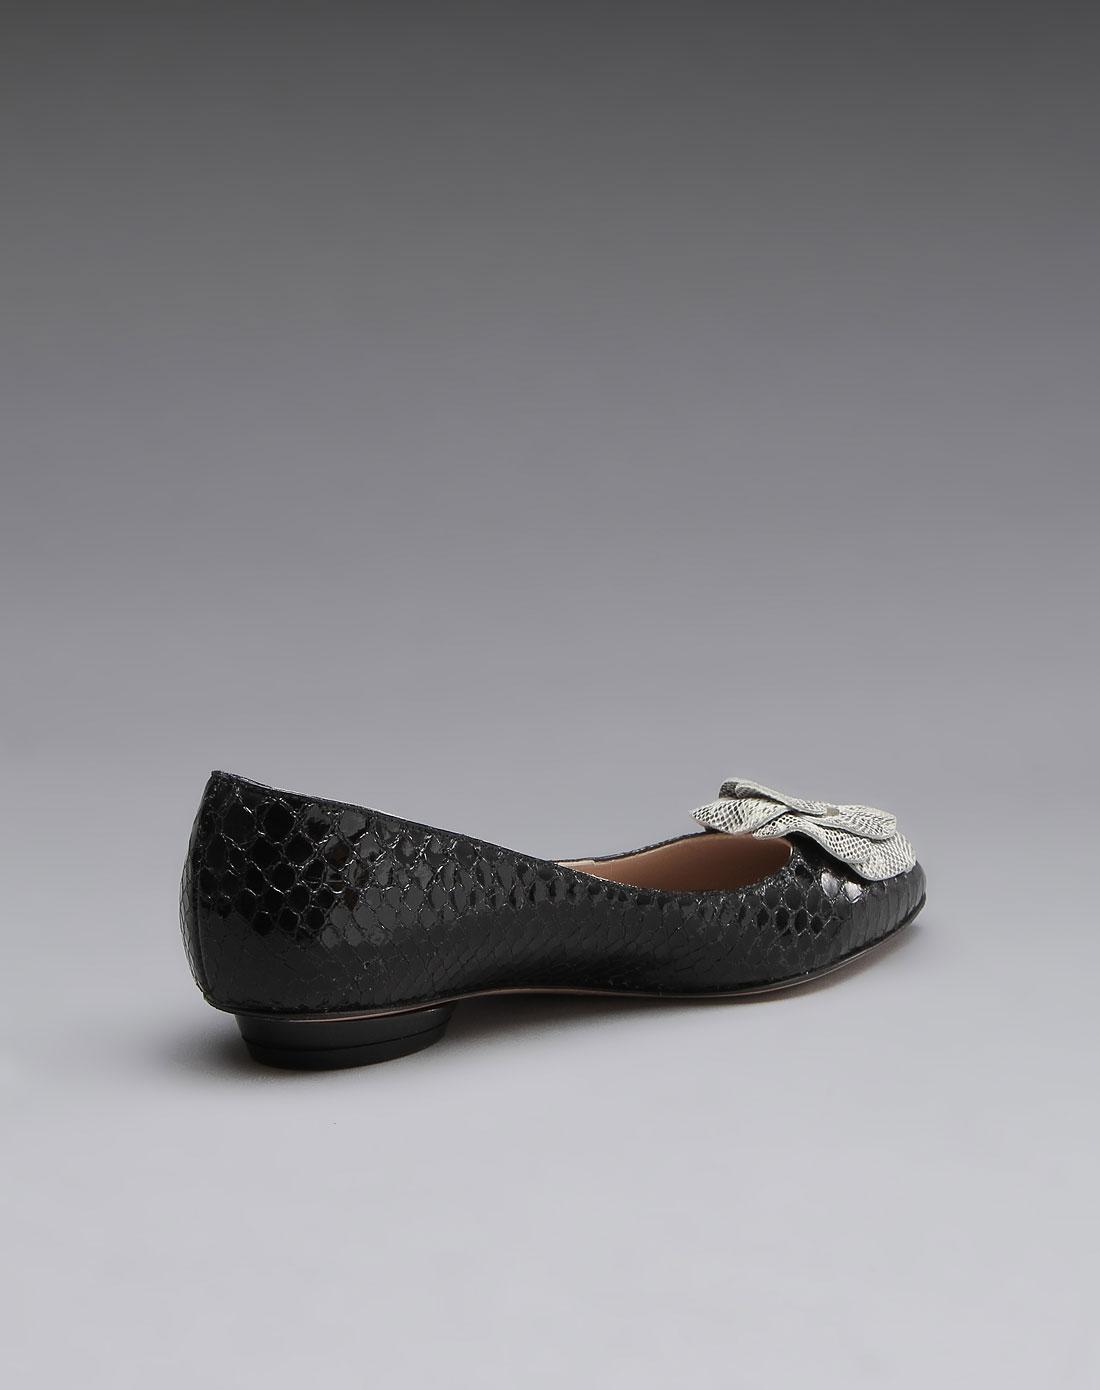 雅牛皮平底鞋黑色